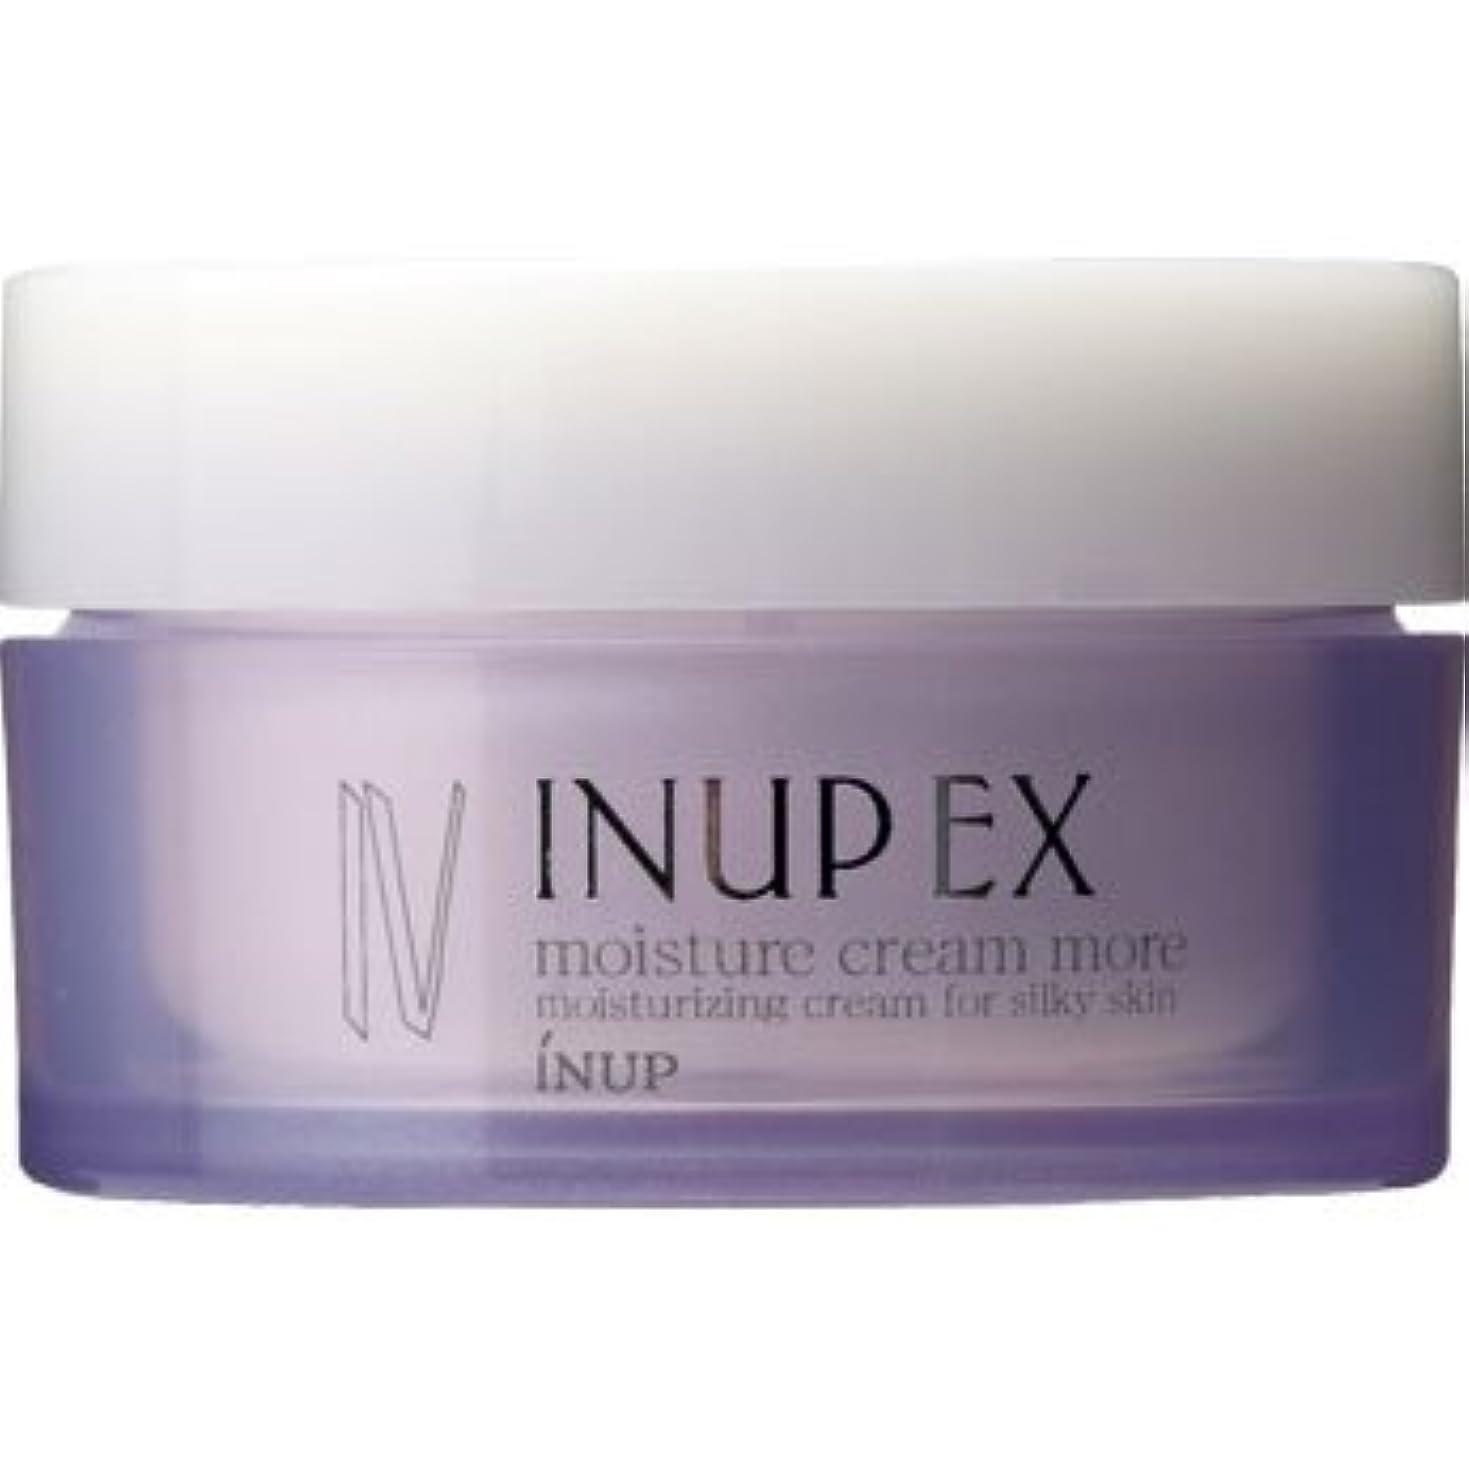 以降規定ハングインナップEX 保湿クリーム (潤い効果アップ) モイスチャークリーム MD (スパチュラ付)[弱酸性] 30g